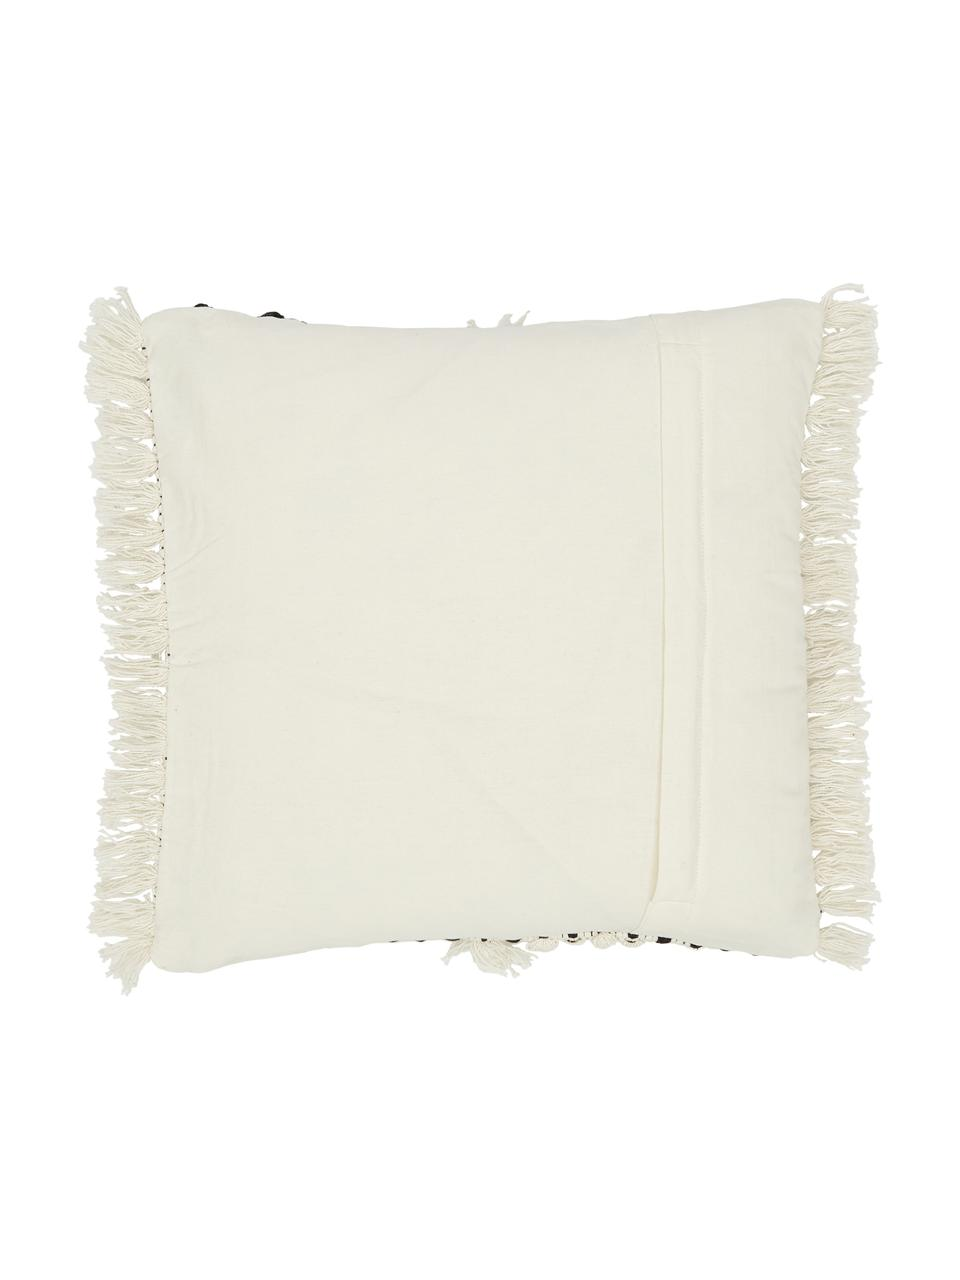 Housse de coussin 45x45 bohème Karen, Beige, blanc